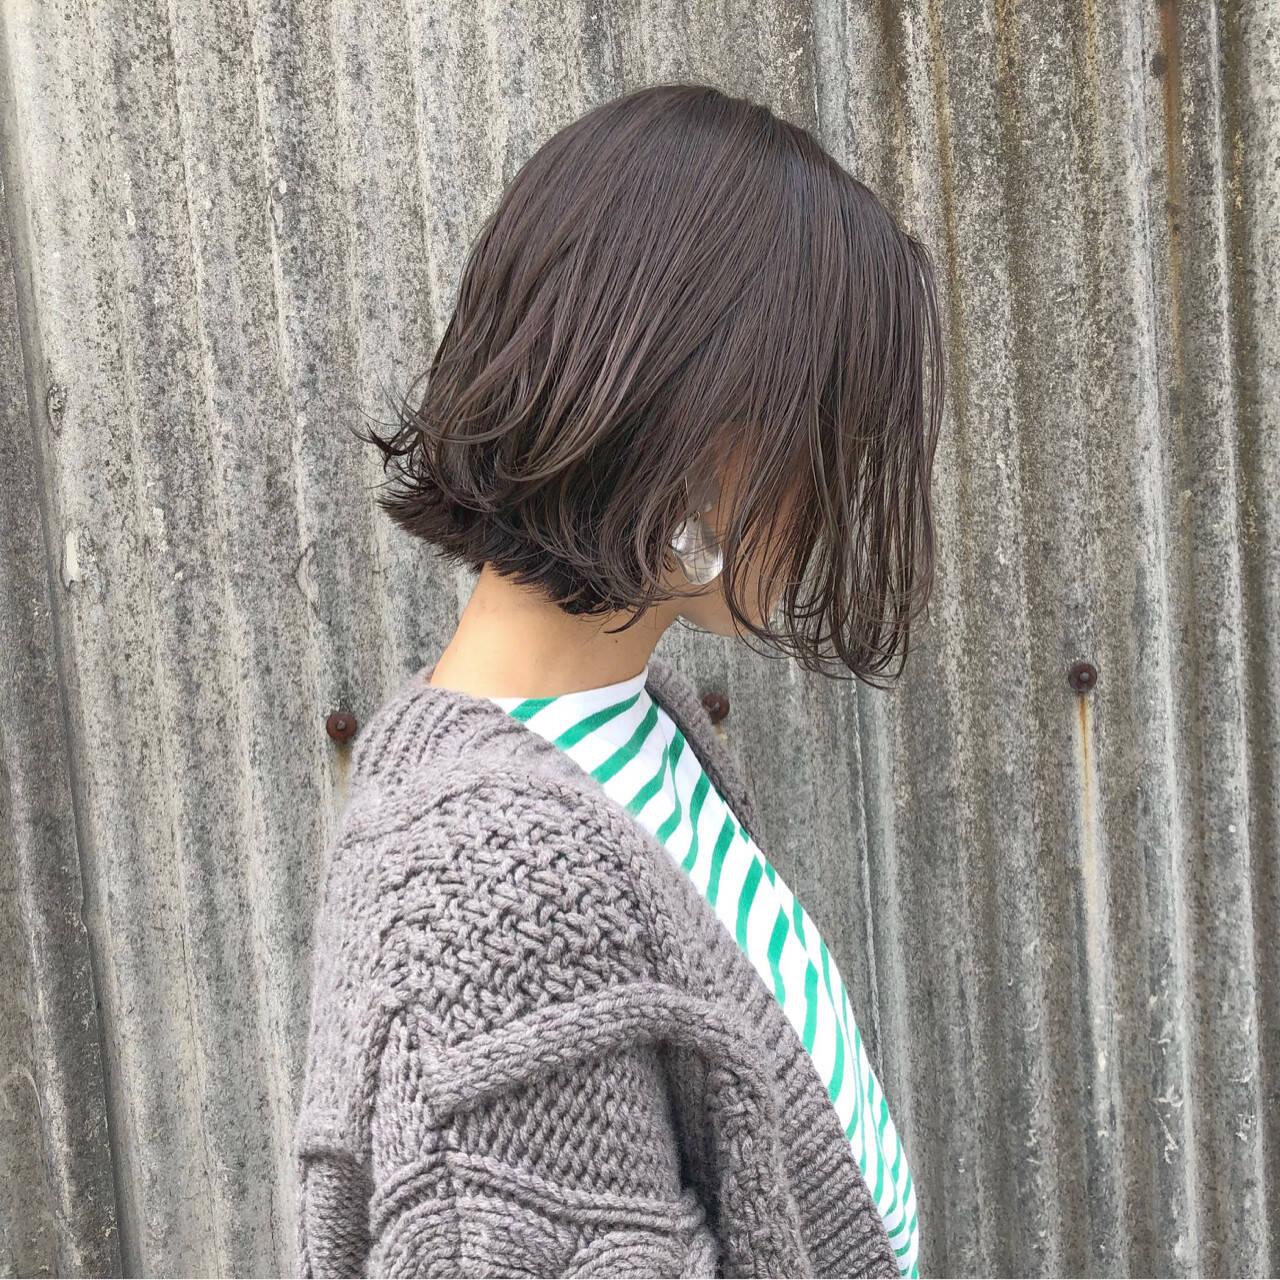 カーキアッシュ オリーブアッシュ 切りっぱなし ナチュラルヘアスタイルや髪型の写真・画像